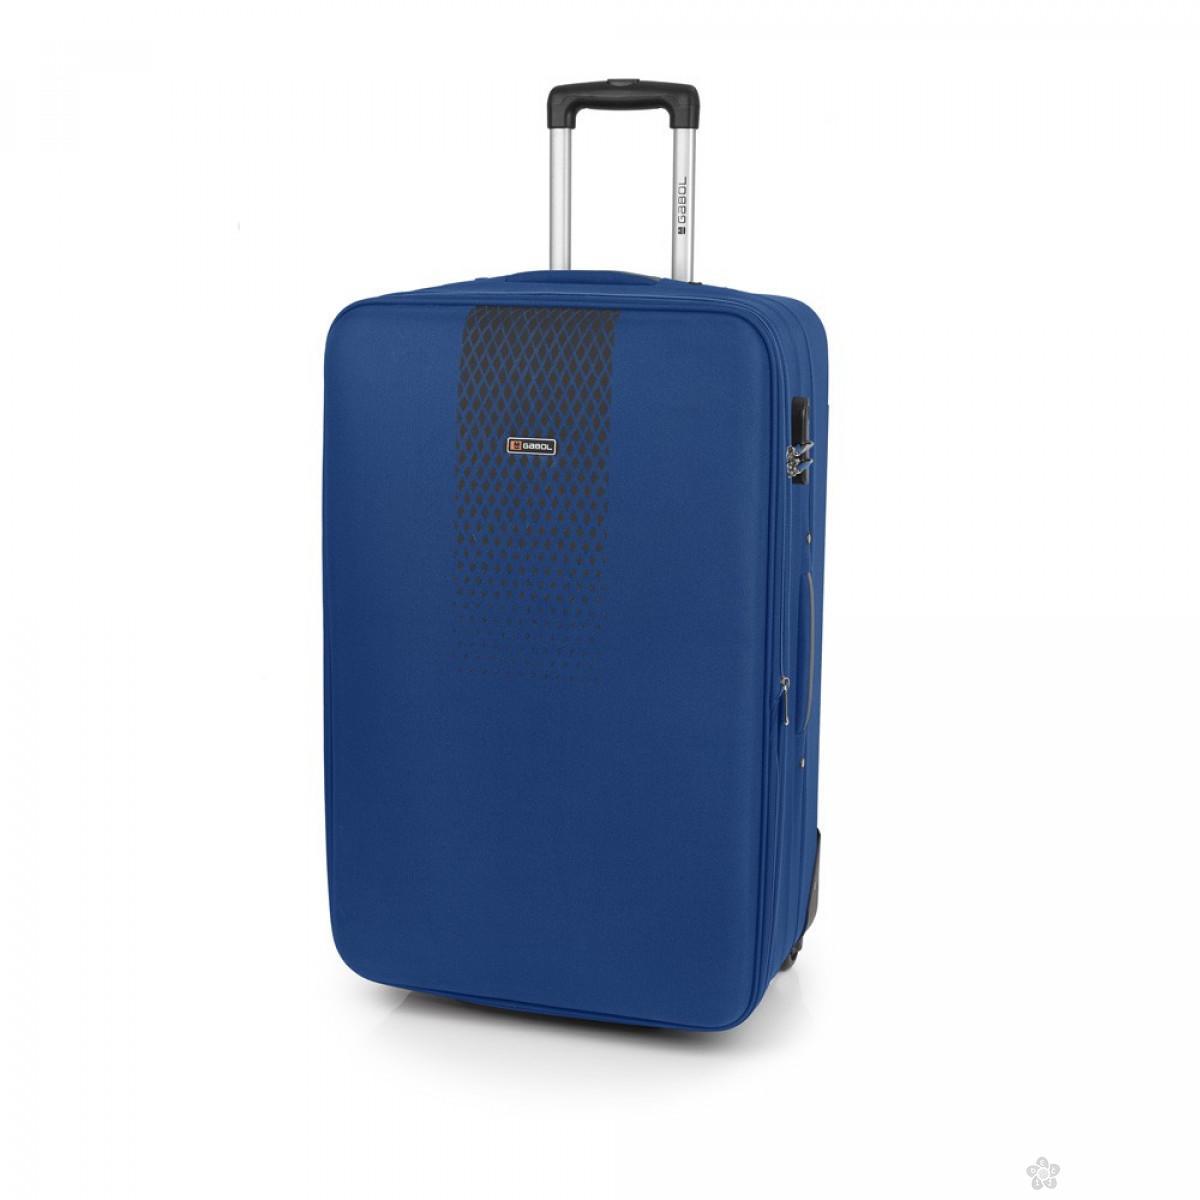 Kofer srednji polyester Roll plava, 16KG1145461E